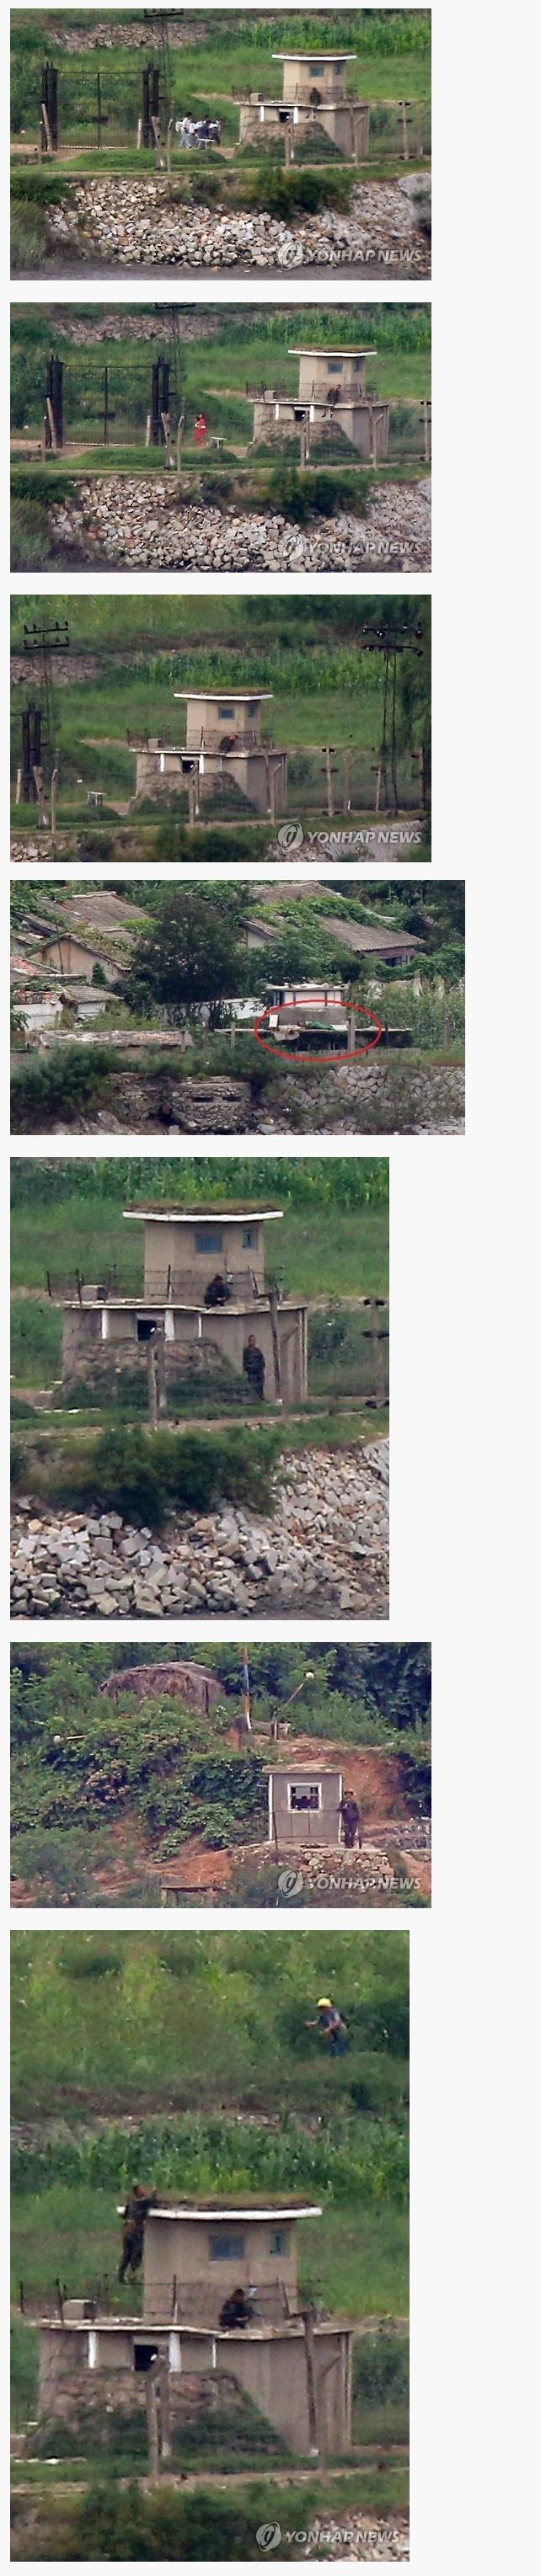 북한1.jpg